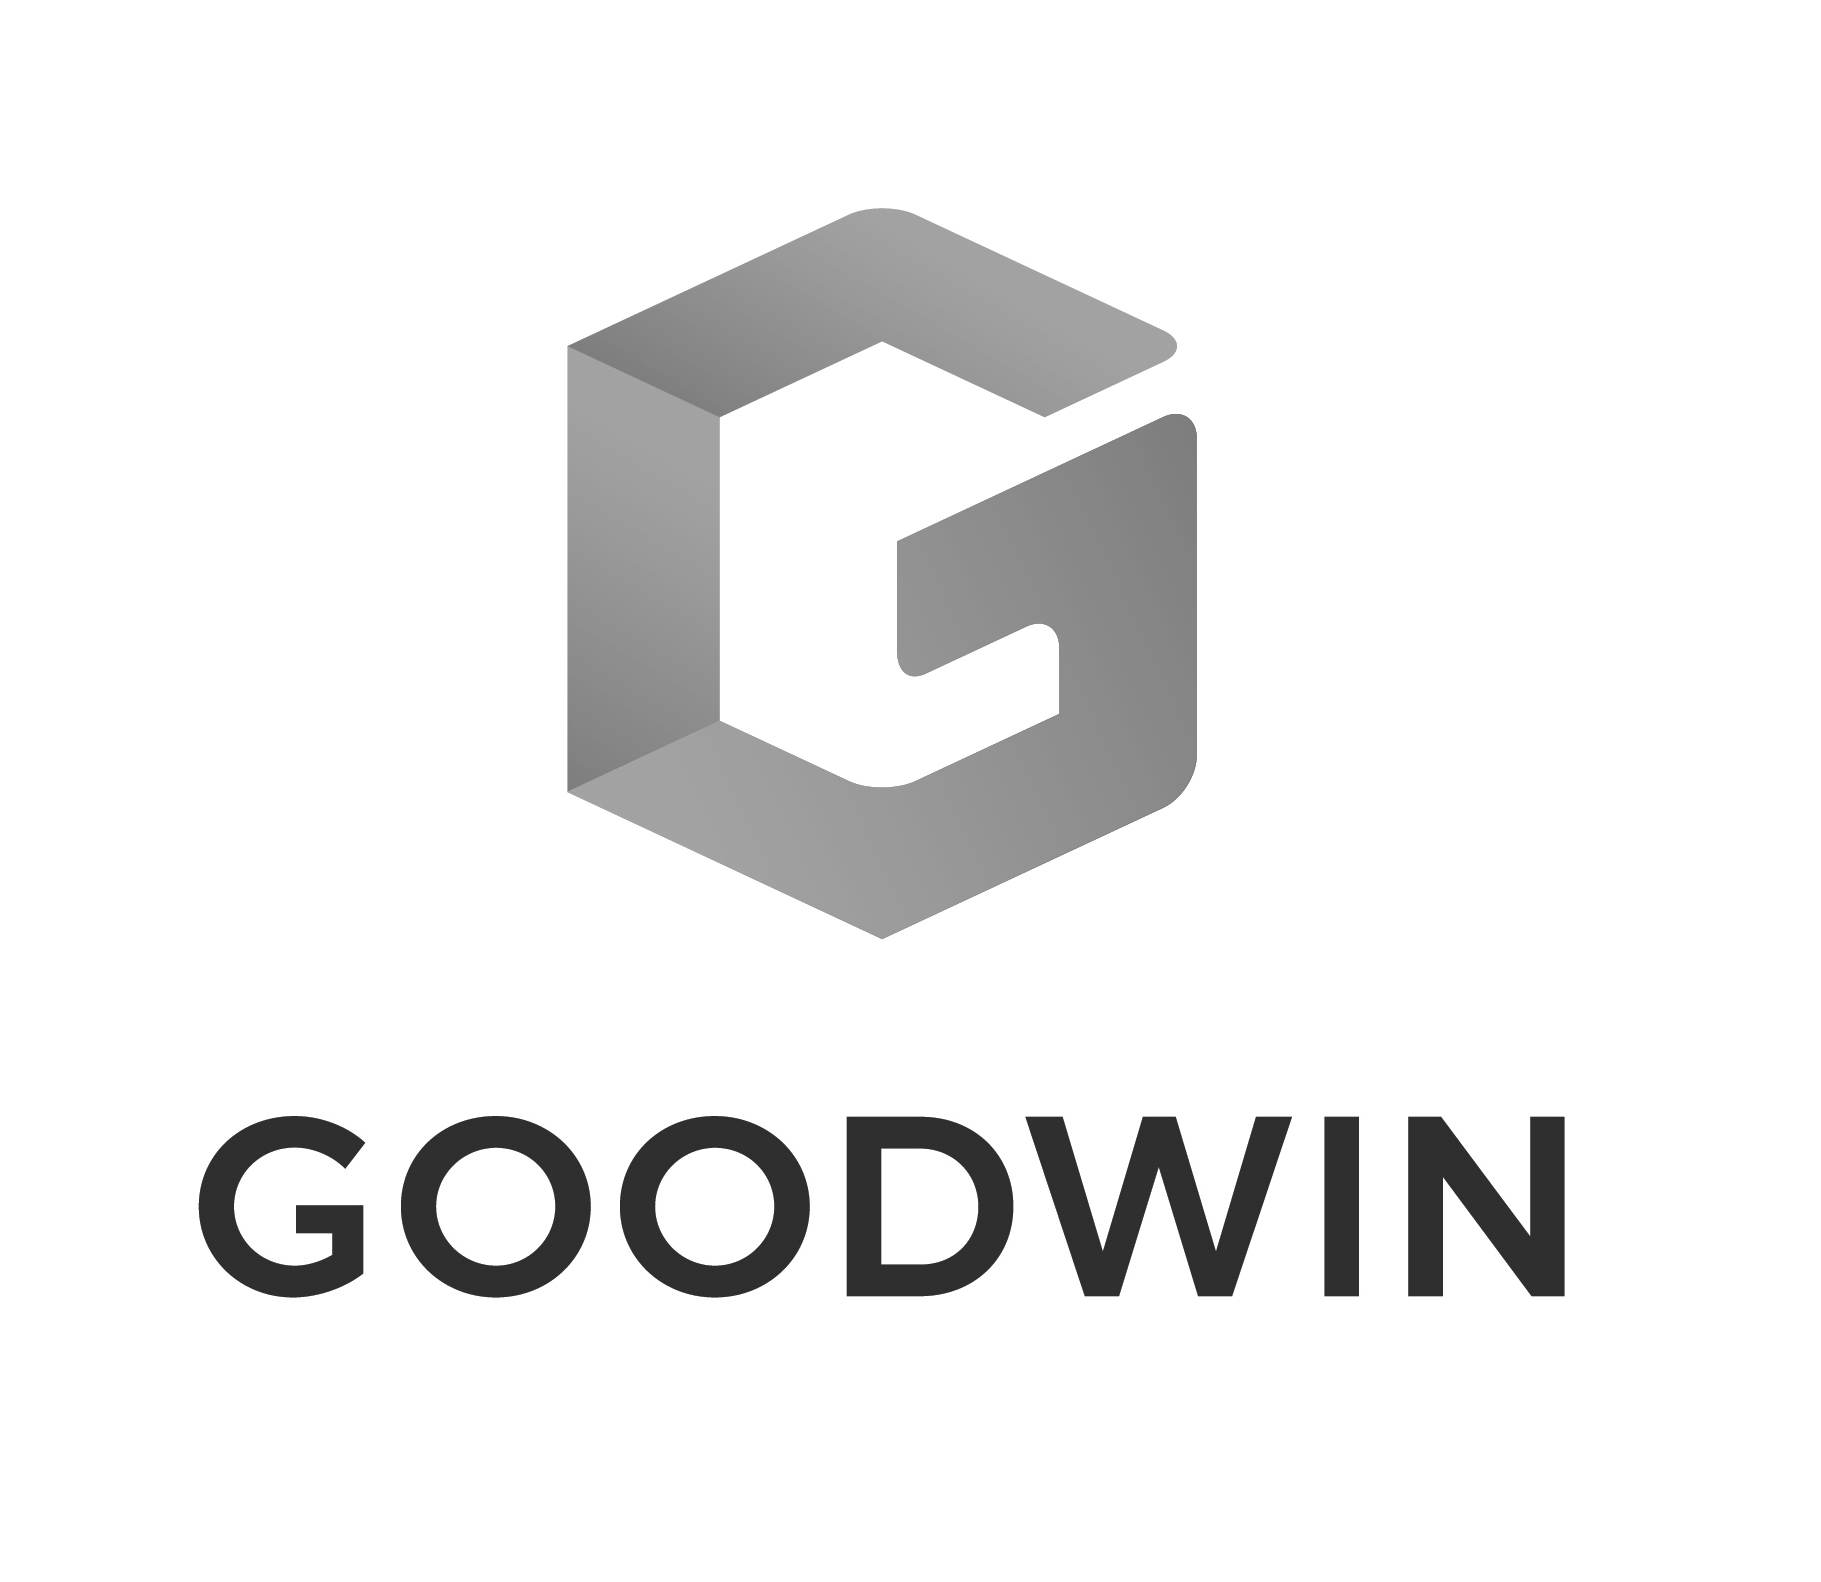 goodwing_high.jpg